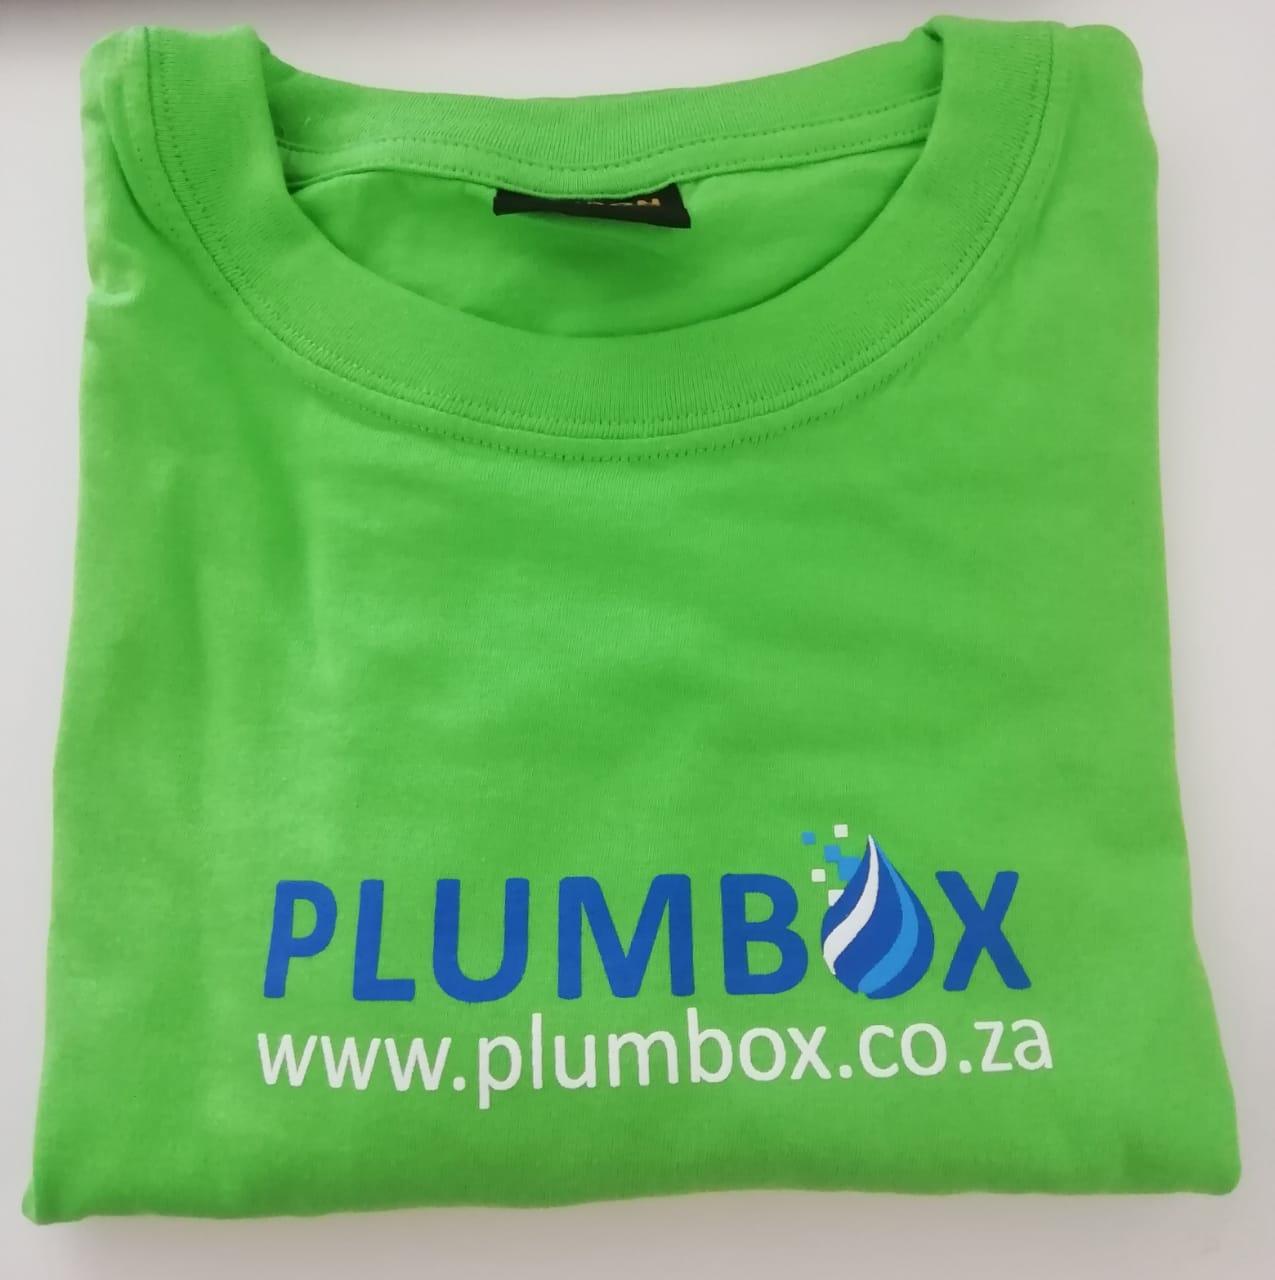 plumbox-shirts.jpeg